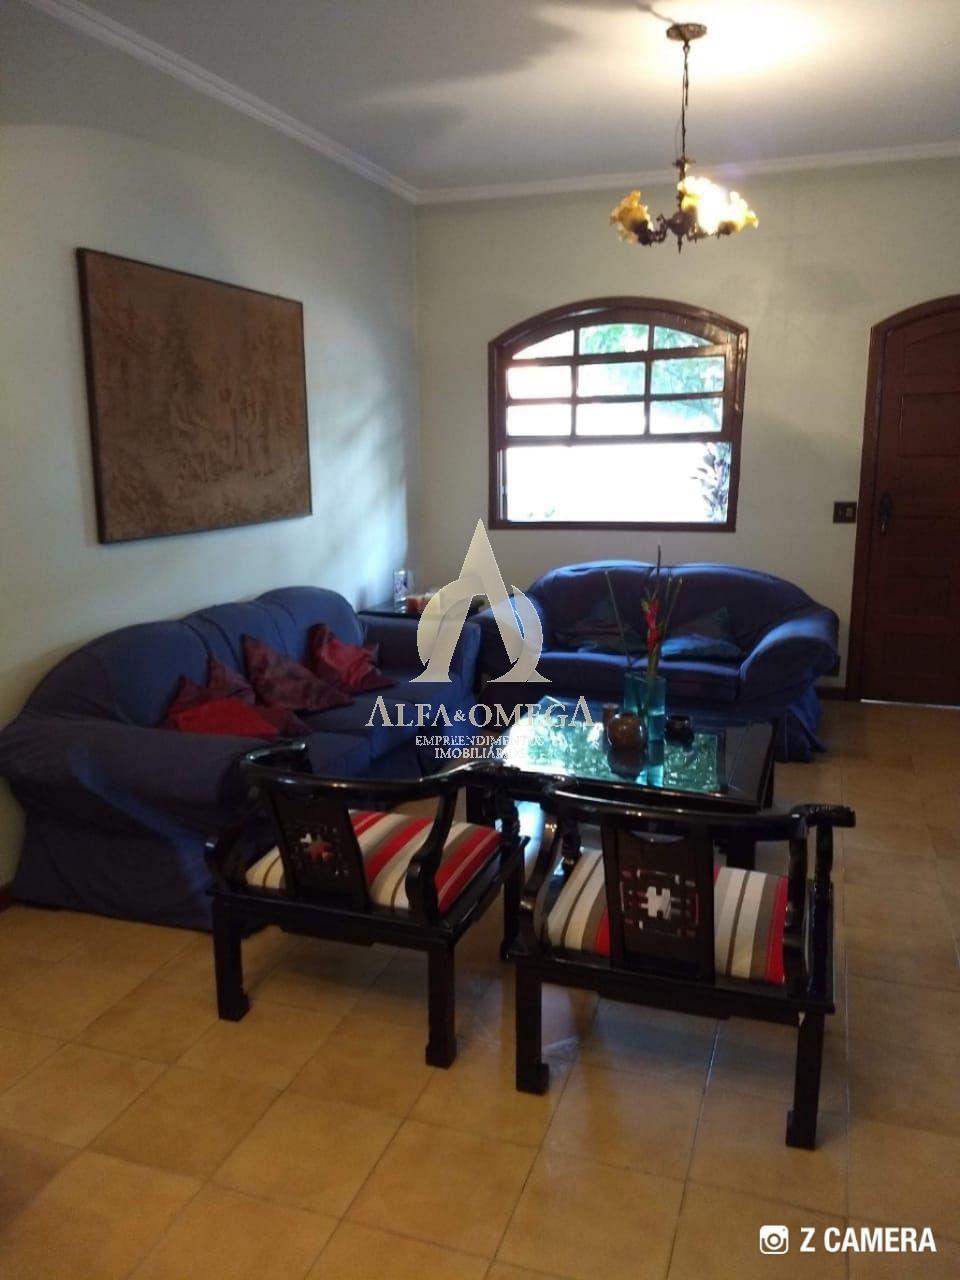 FOTO 2 - Casa em Condomínio 4 quartos à venda Barra da Tijuca, Rio de Janeiro - R$ 3.599.000 - AO60122 - 3